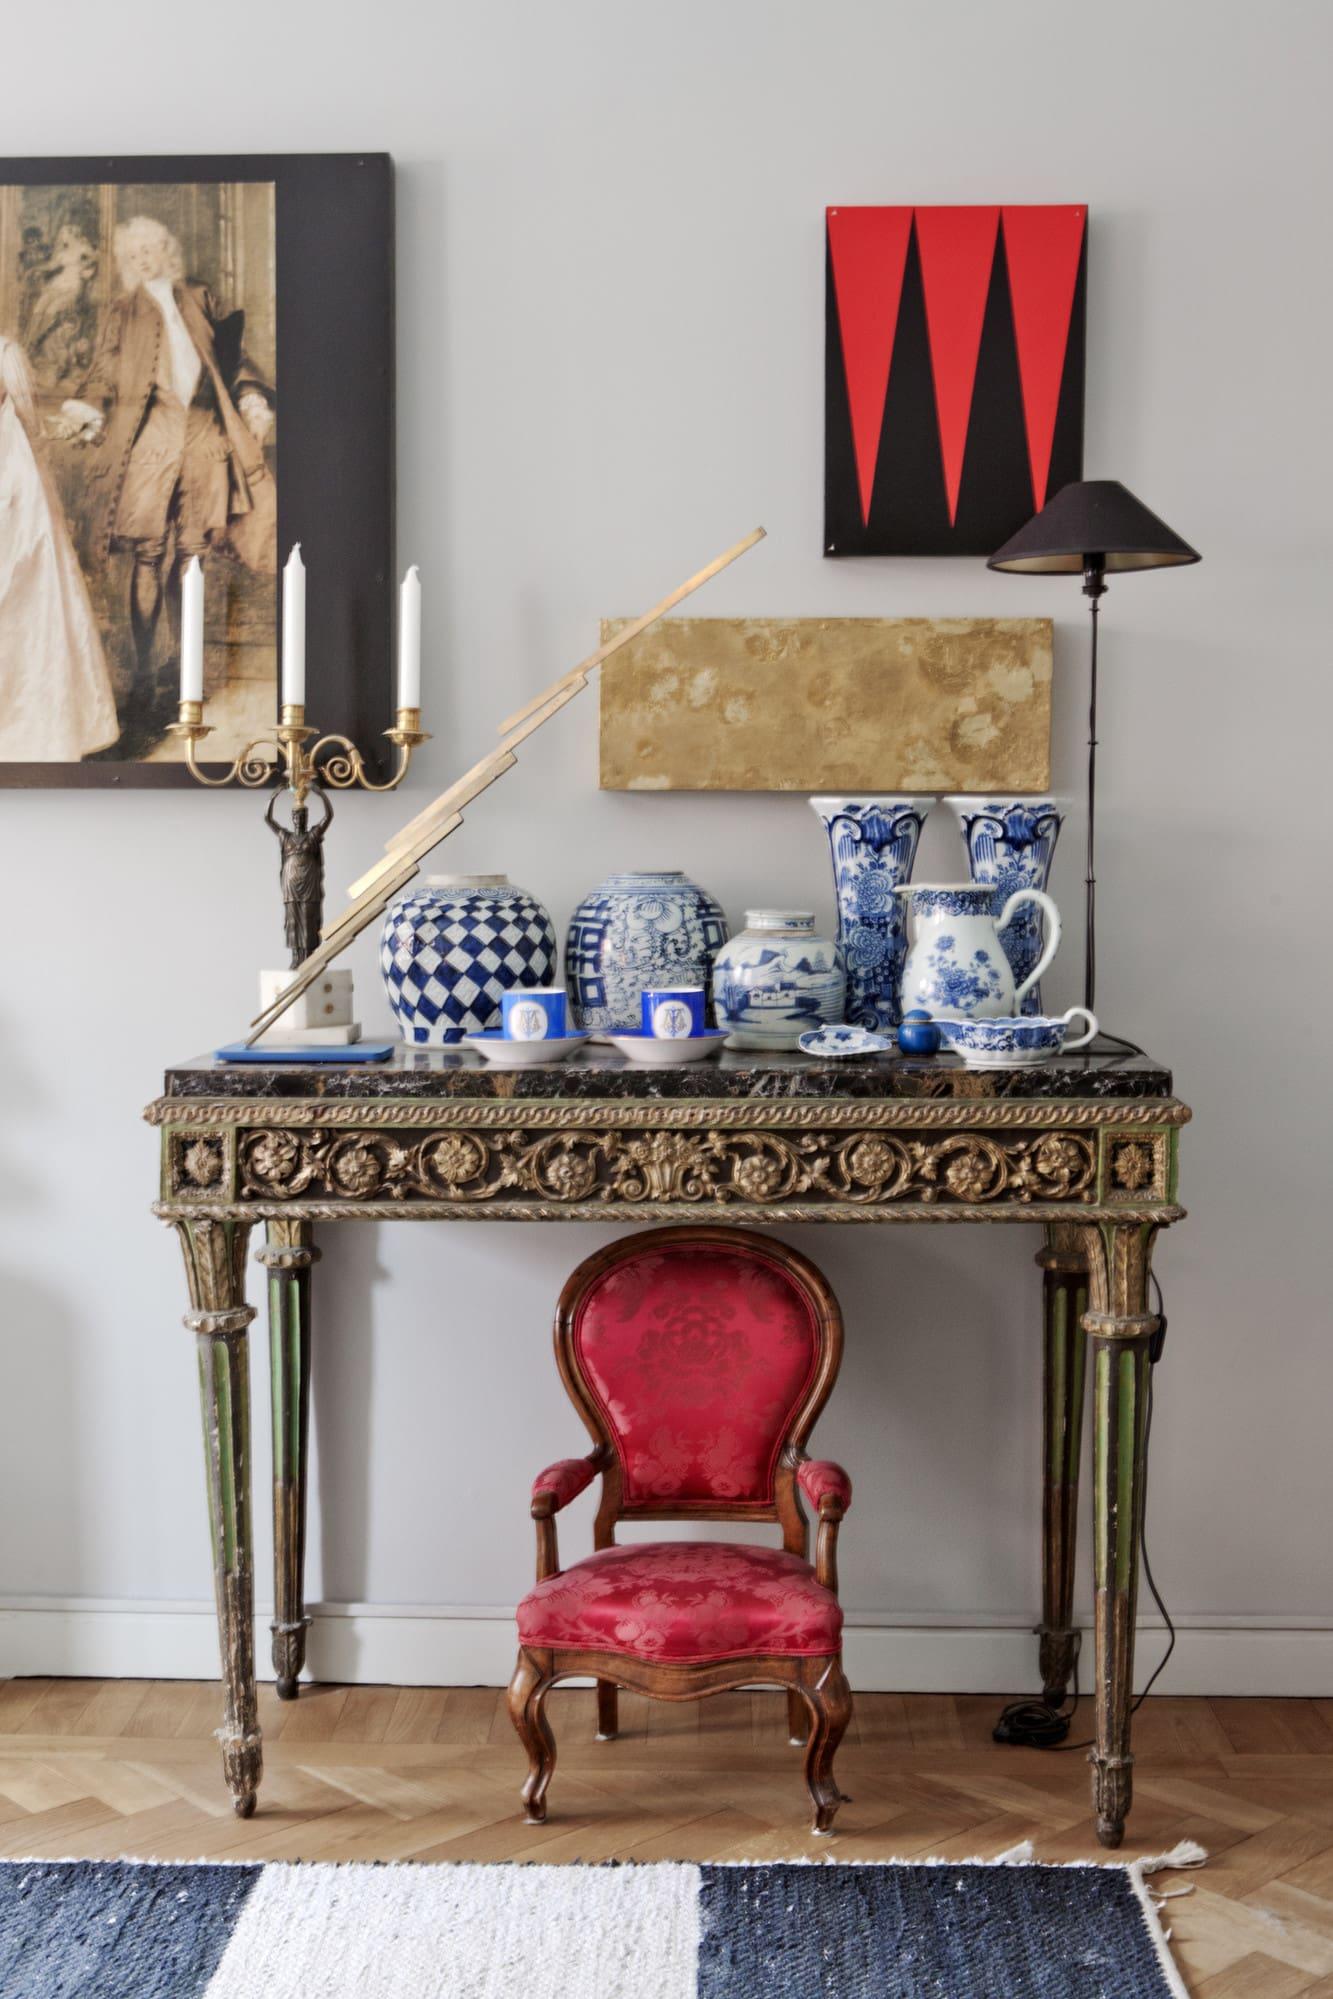 Ovanför det venetianska bordet från 1700-talet hänger en triptyk av Maya Eizin Öijer. Under står en ärvd liten barnfåtölj från 1800-talet.